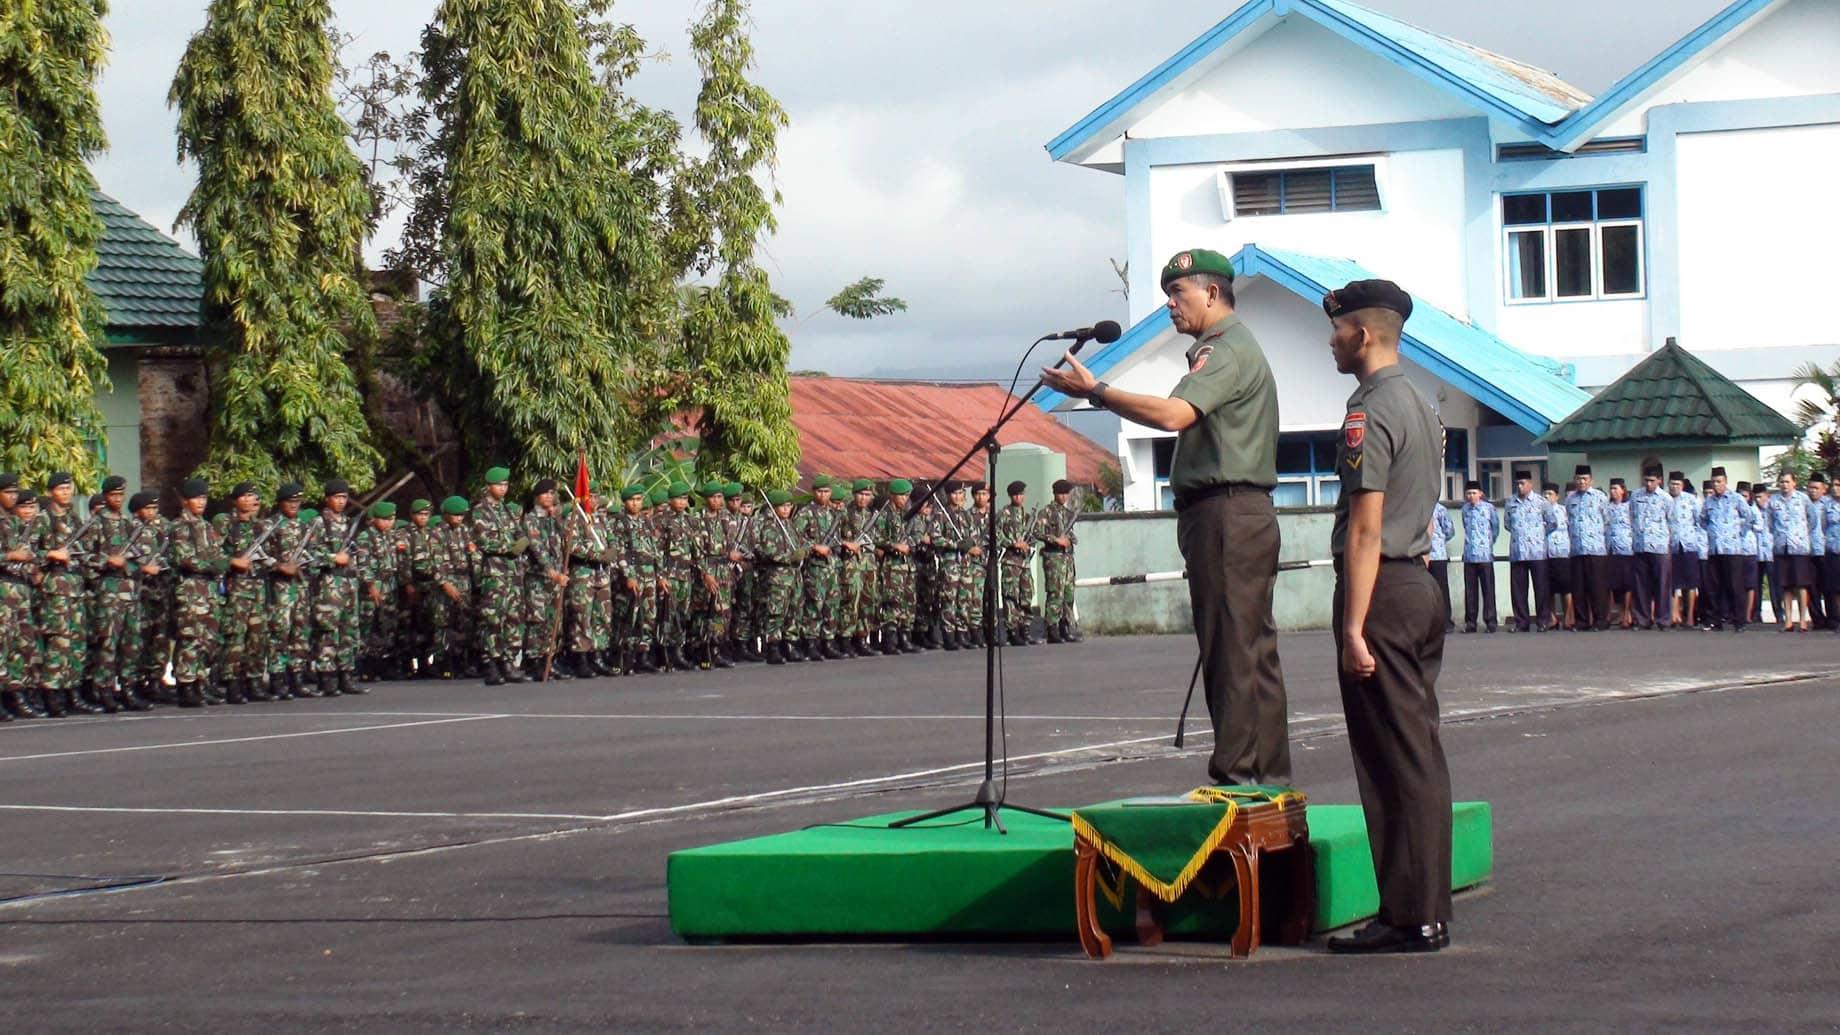 """Panglima TNI : """"TNI akan tetap Konsisten dalam melaksanakan tugas-tugas Pertahanan dalam Konteks menjaga dan melindungi segenap Bangsa dan Negara"""""""